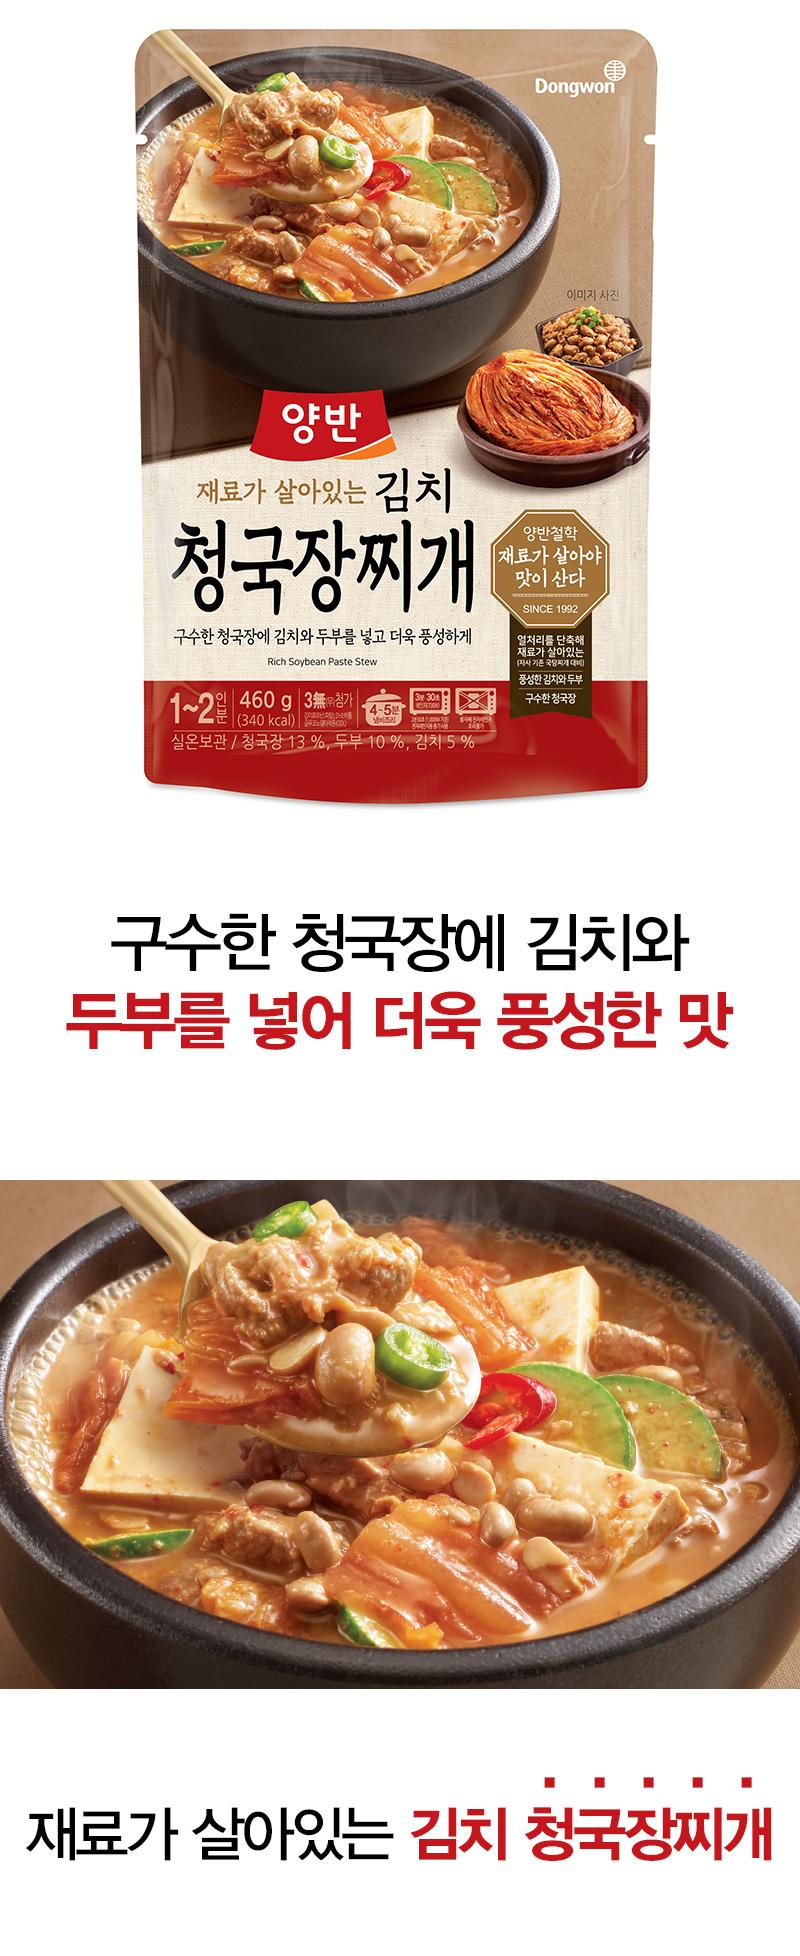 구수한 청국장에 김치와 두부를 넣어 더욱 풍성한 맛 재료가 살아있는 김치 청국장찌개